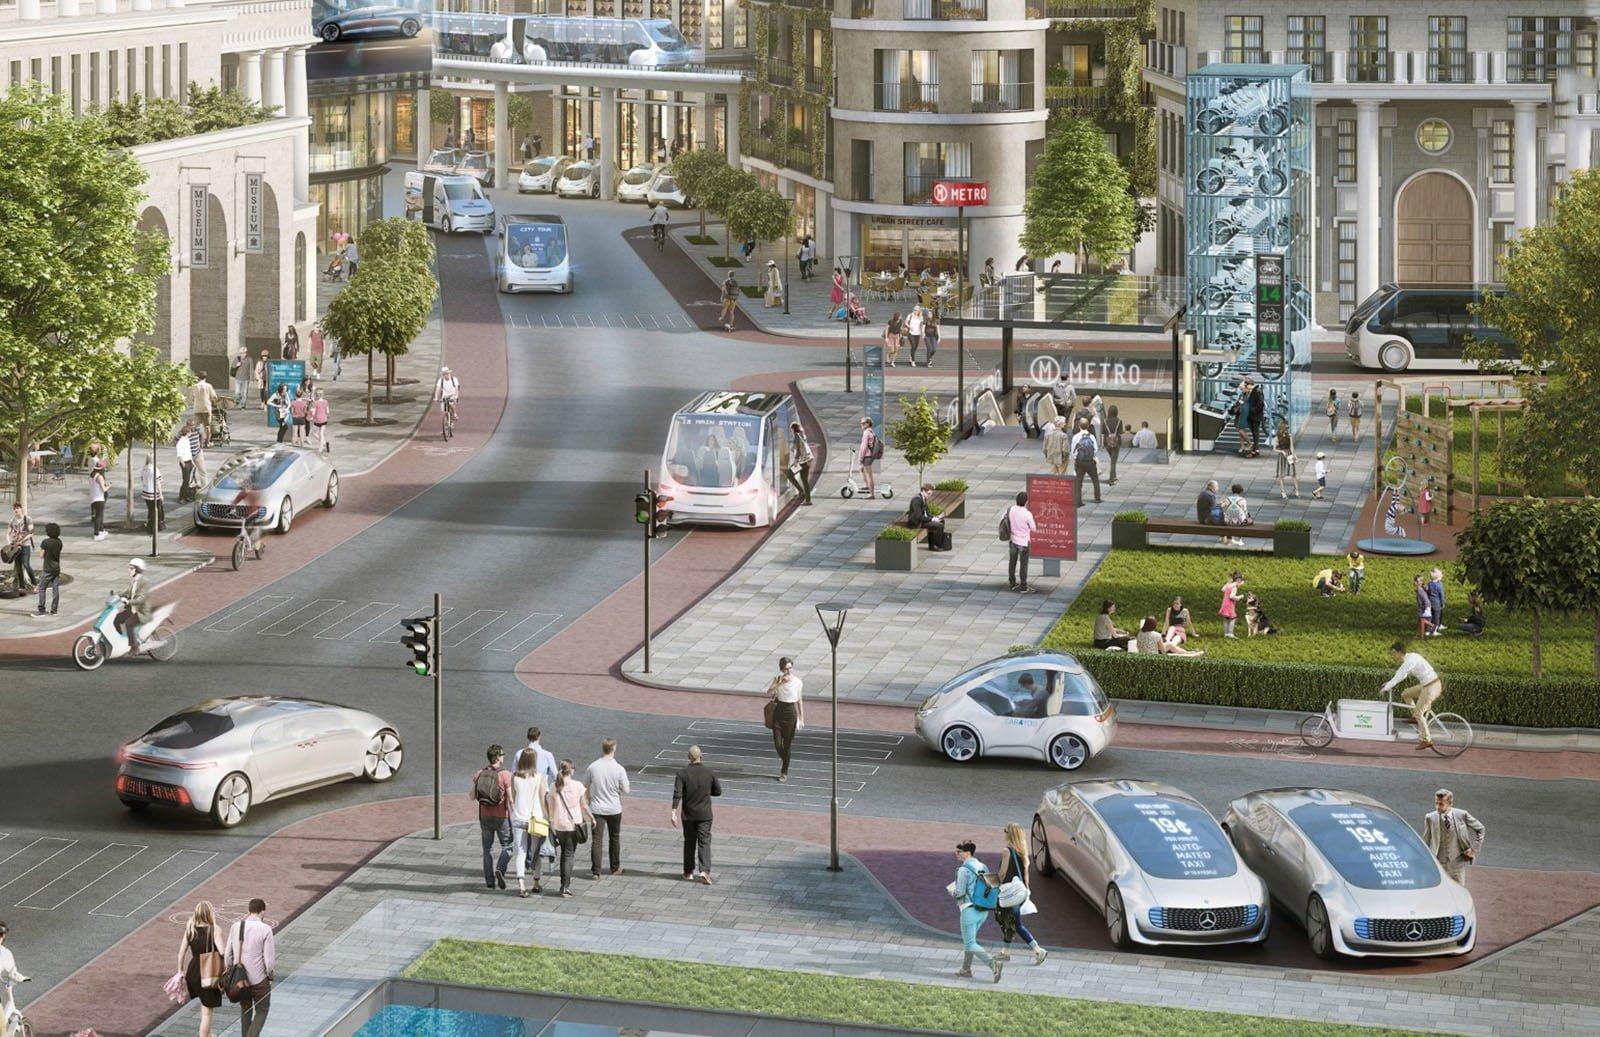 Daimler i Bosch przyspieszają. Testy autonomicznych taksówek w ciągu kilku miesięcy 24